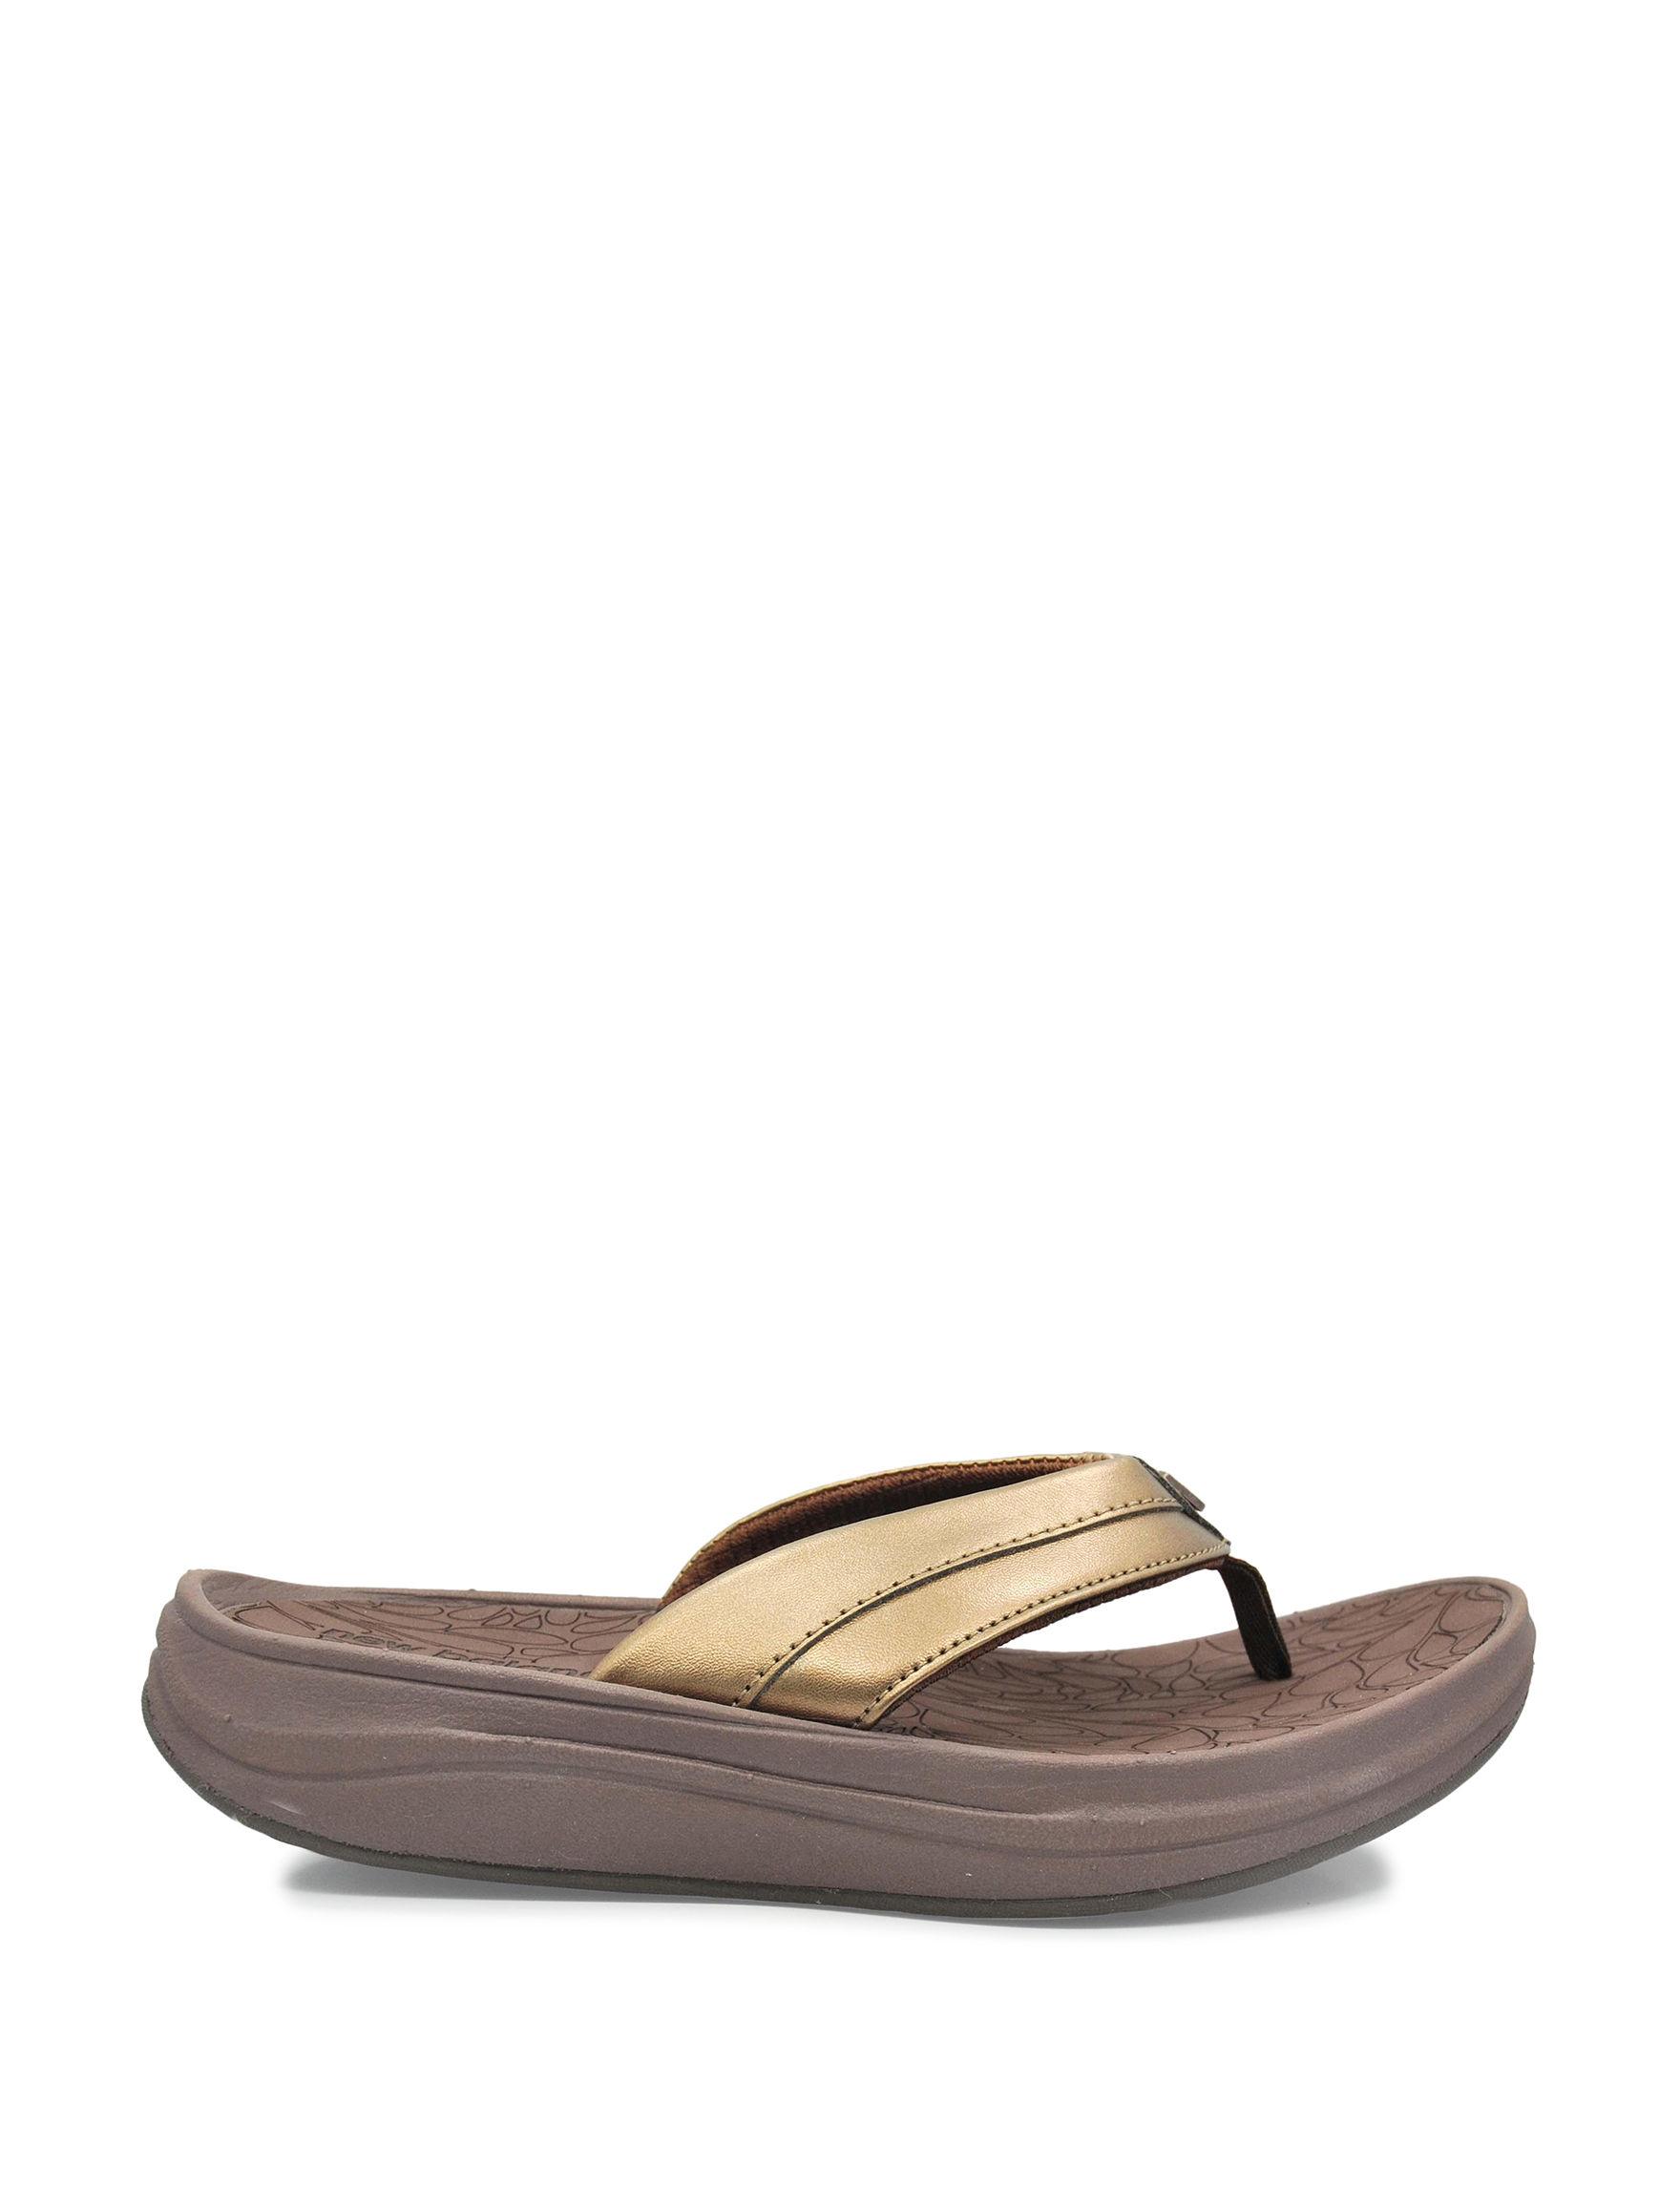 New Balance Bronze Flip Flops Sport Sandals